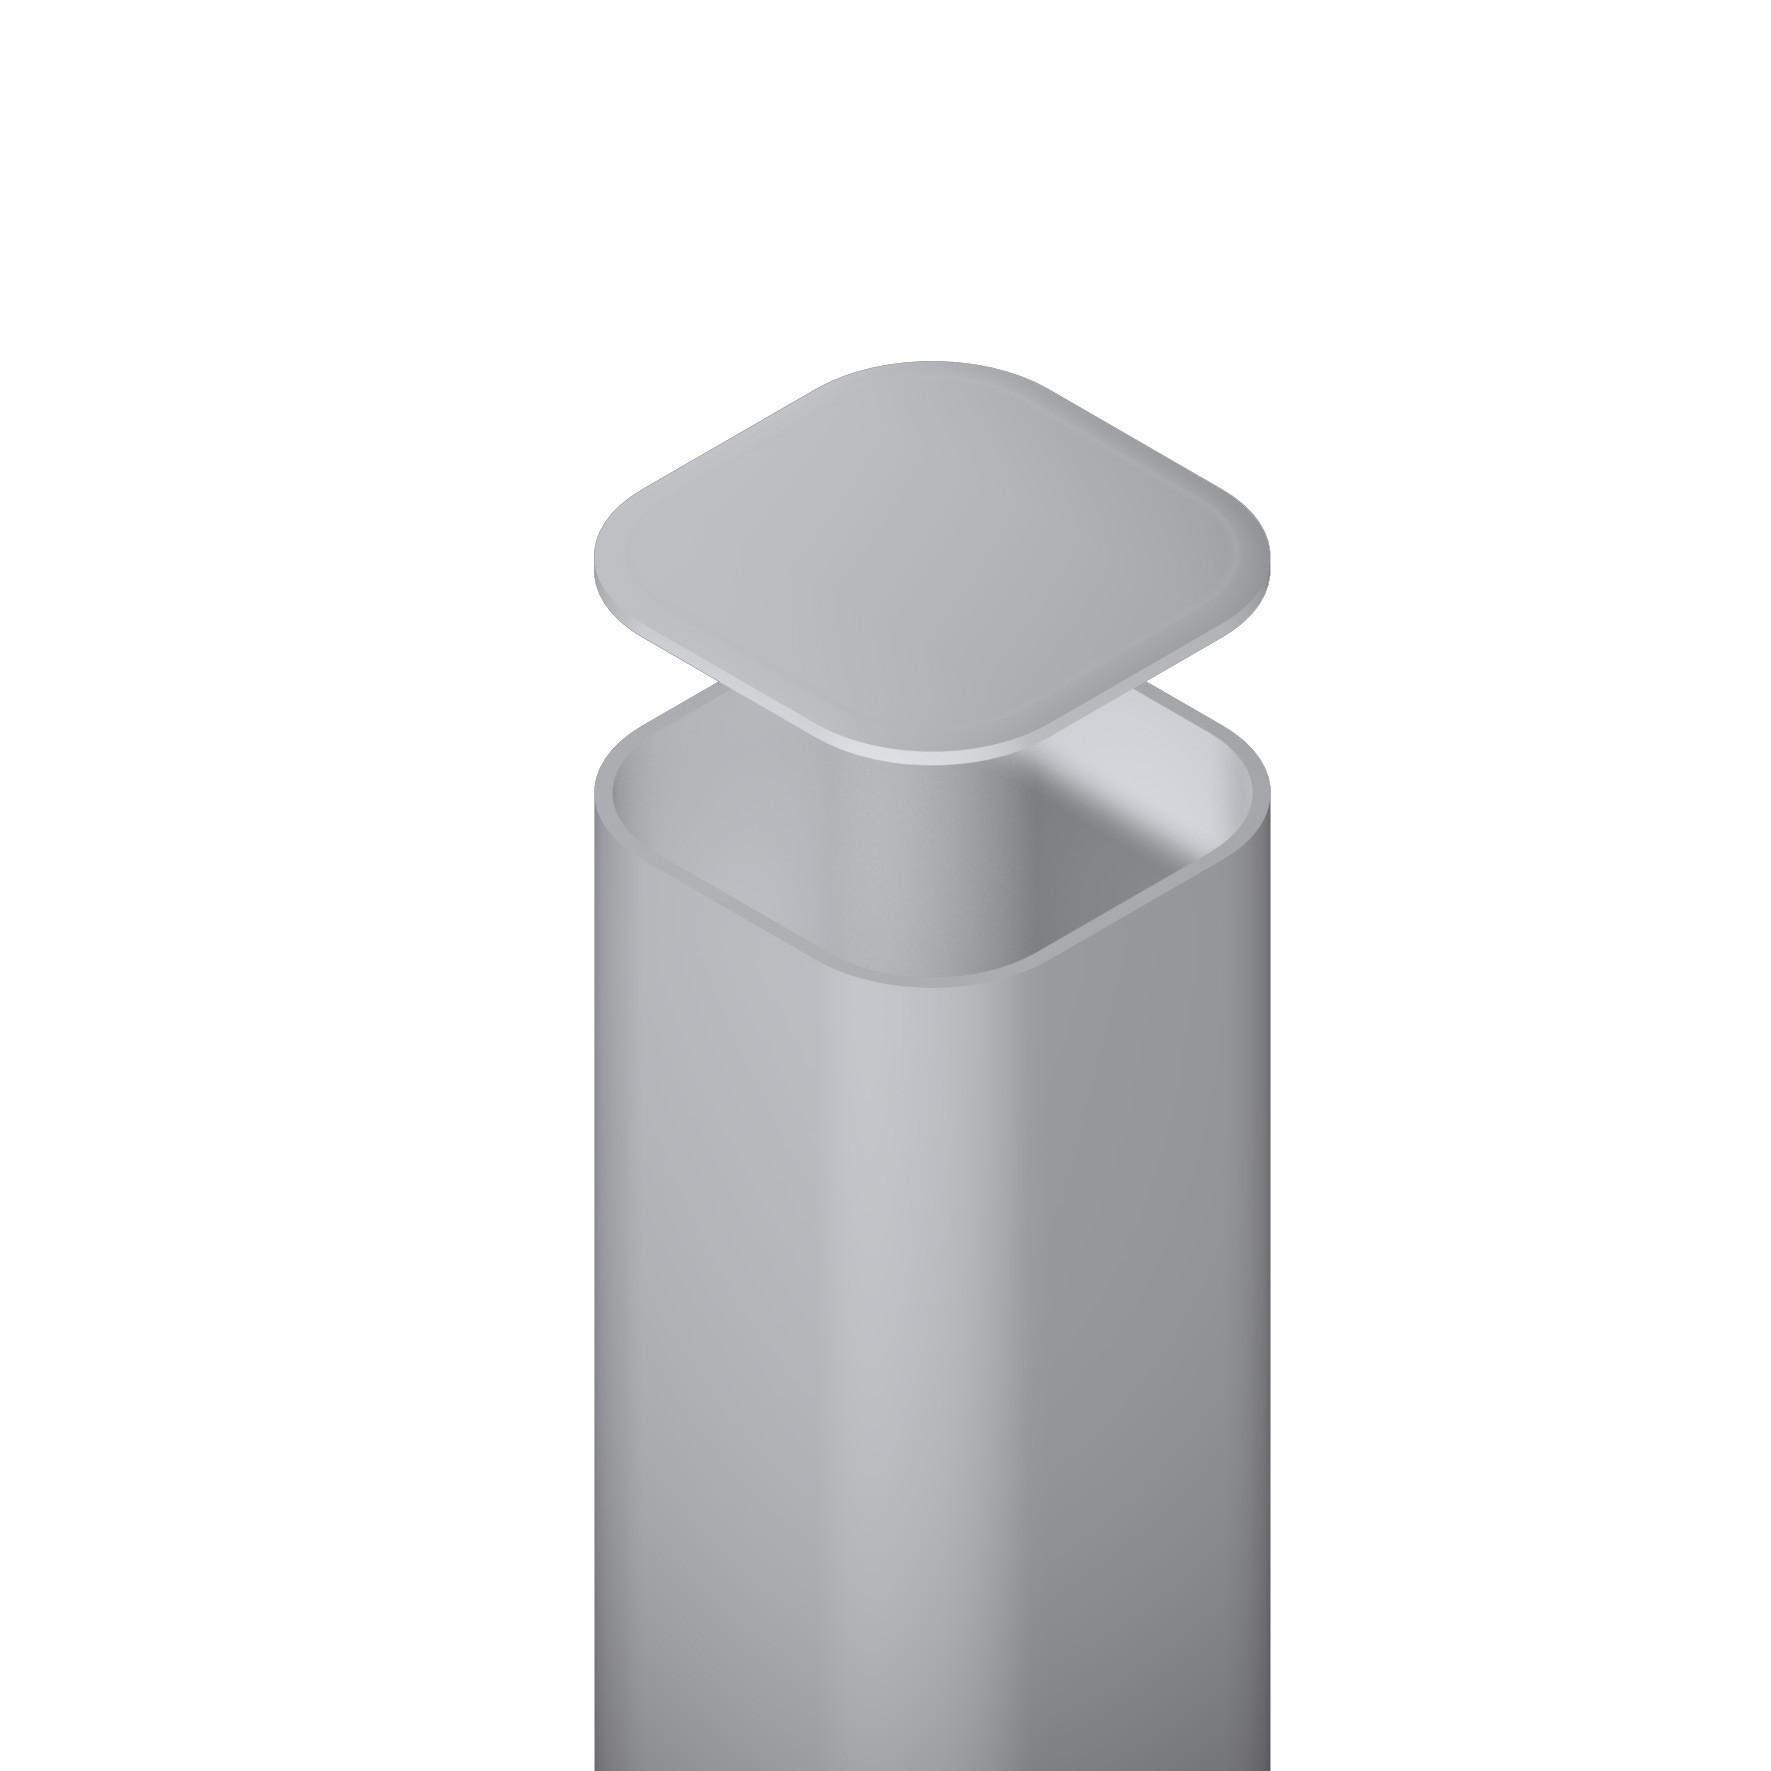 Metallpfosten für Zaun zum Einbetonieren silber 7x7x240cm Bild 1